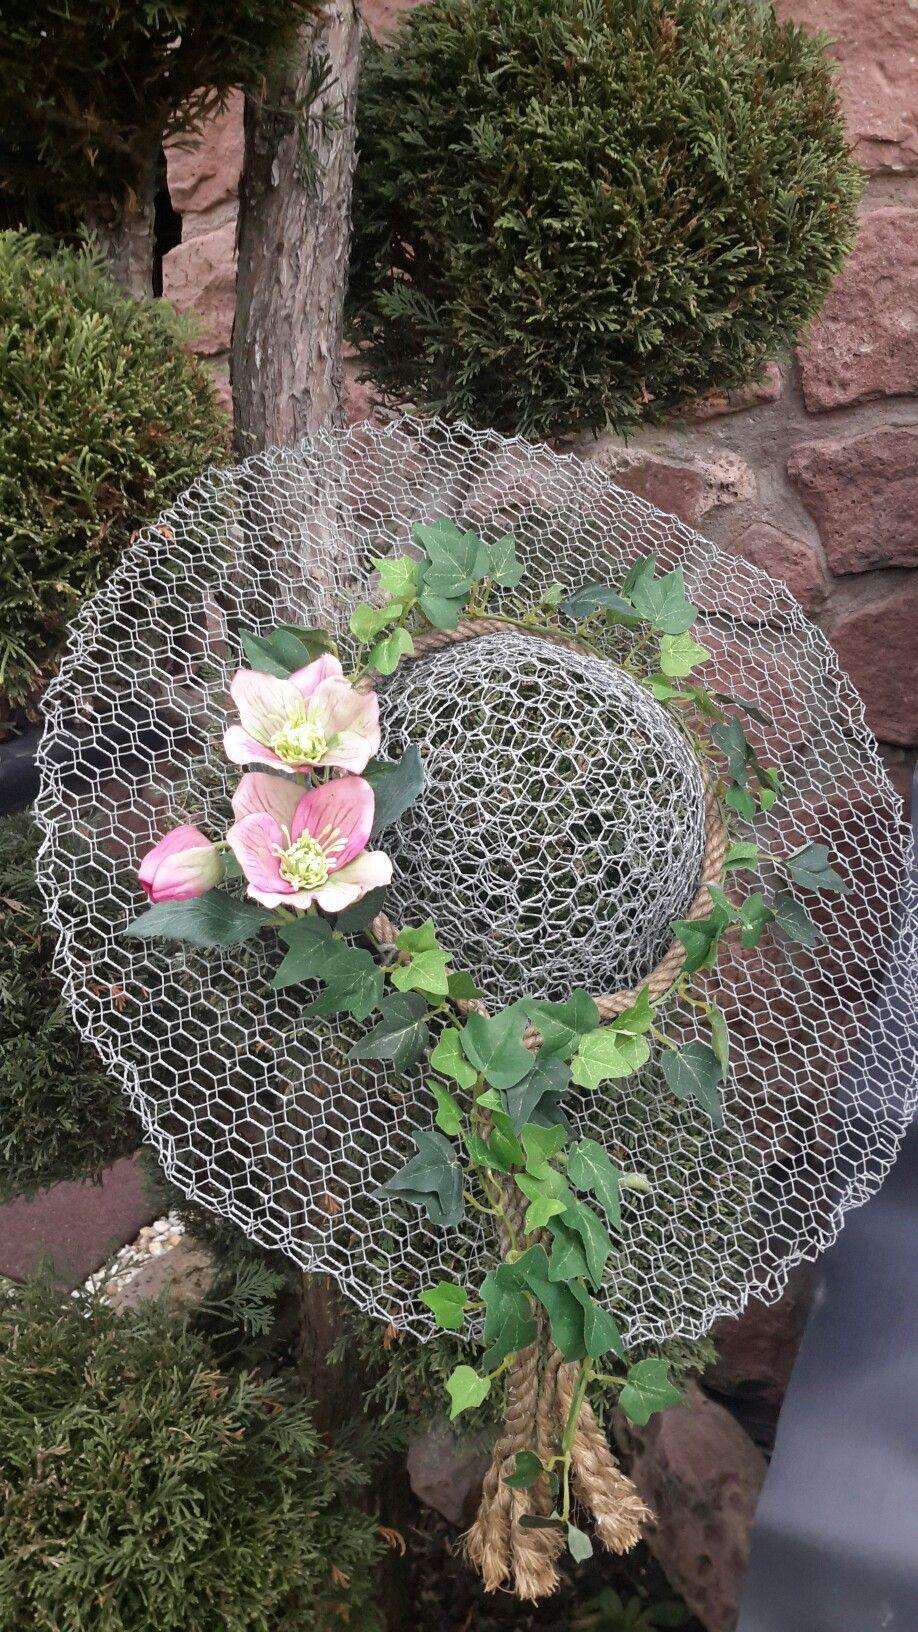 Pin By Norma Ickler Romero On Flores In 2020 Garden Whimsy Garden Art Garden Deco